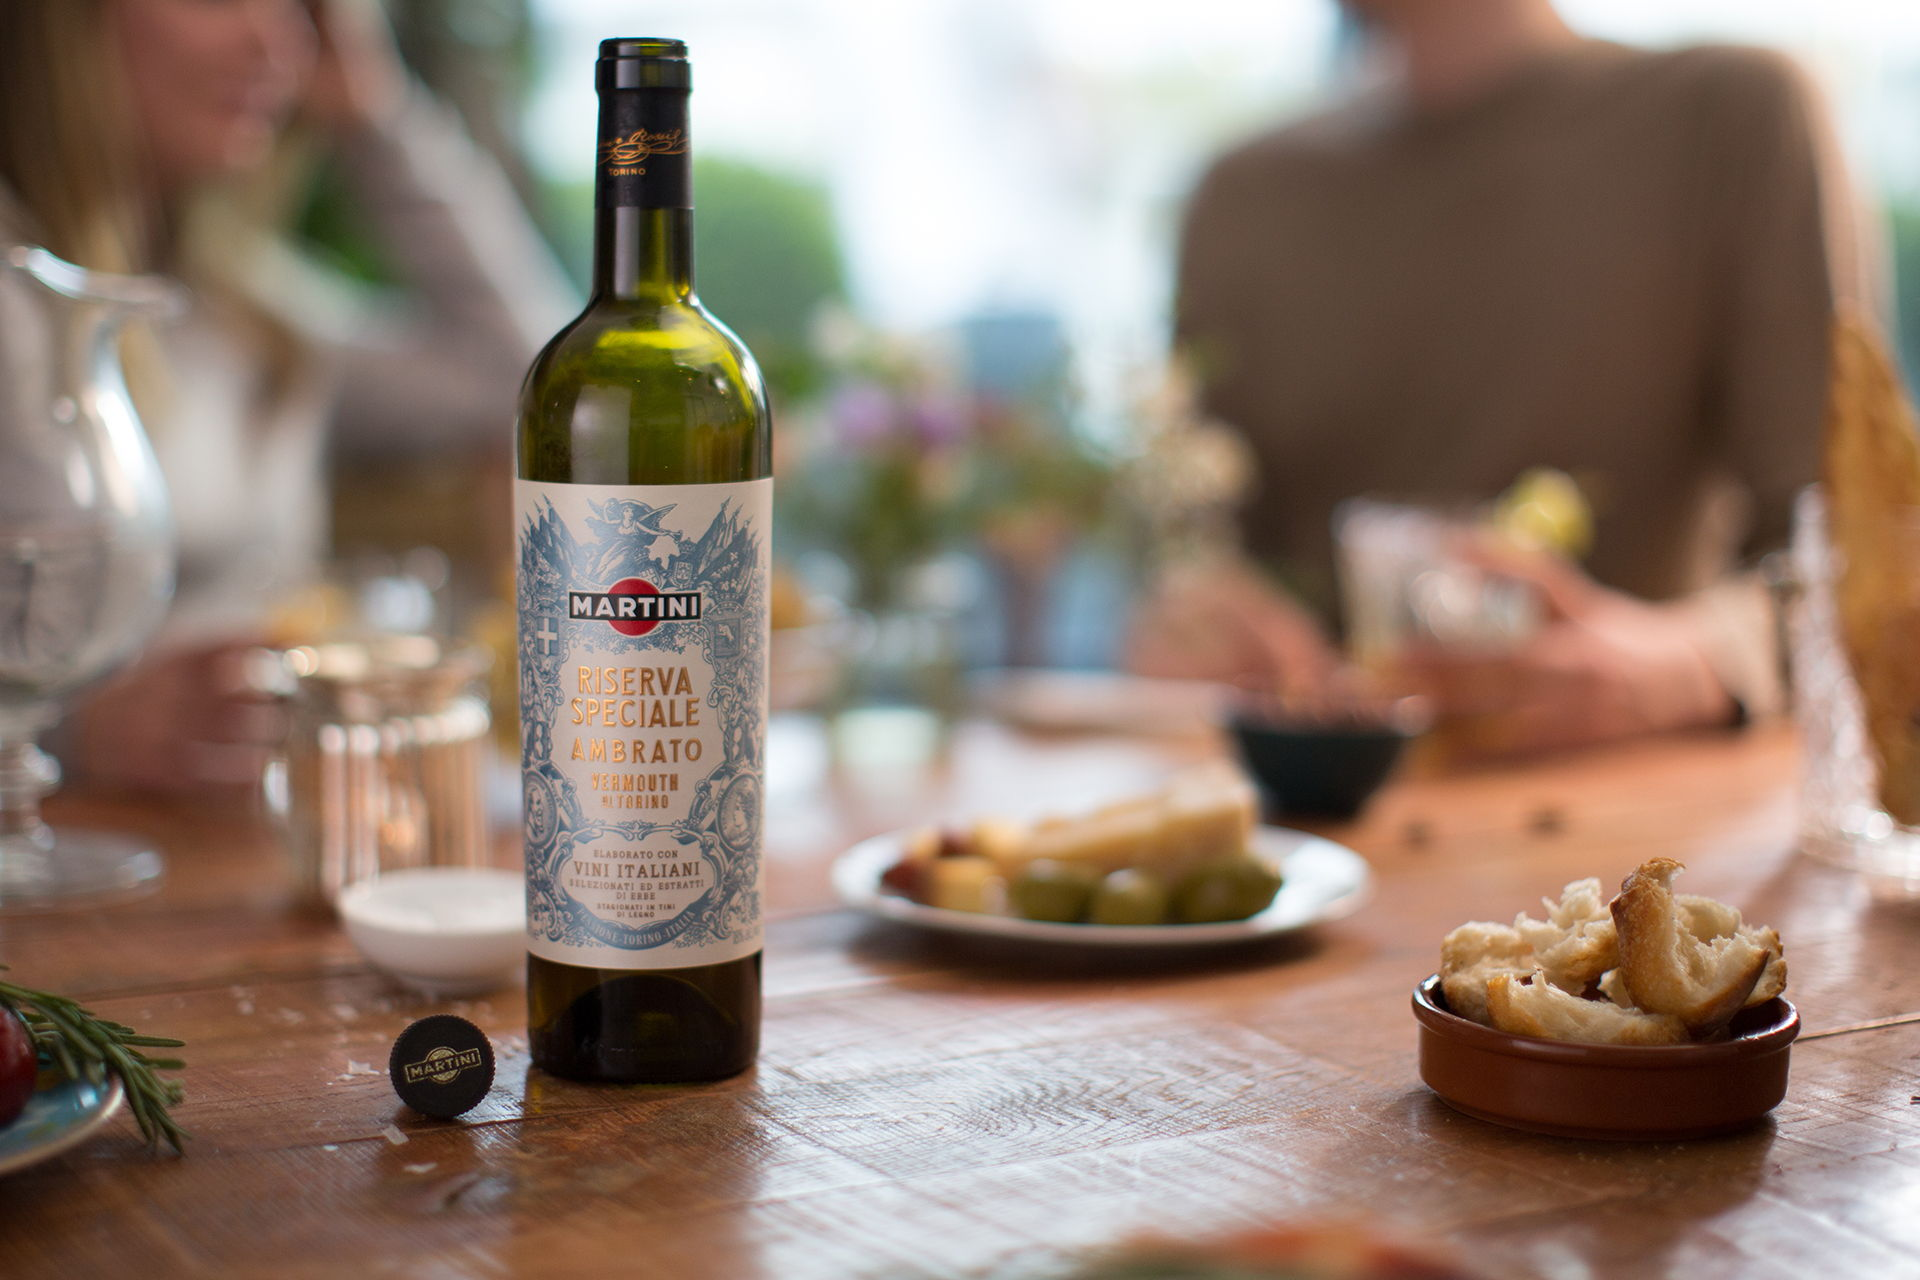 Martini-Riserva-Speciale-Ambrato-Bottle-Before